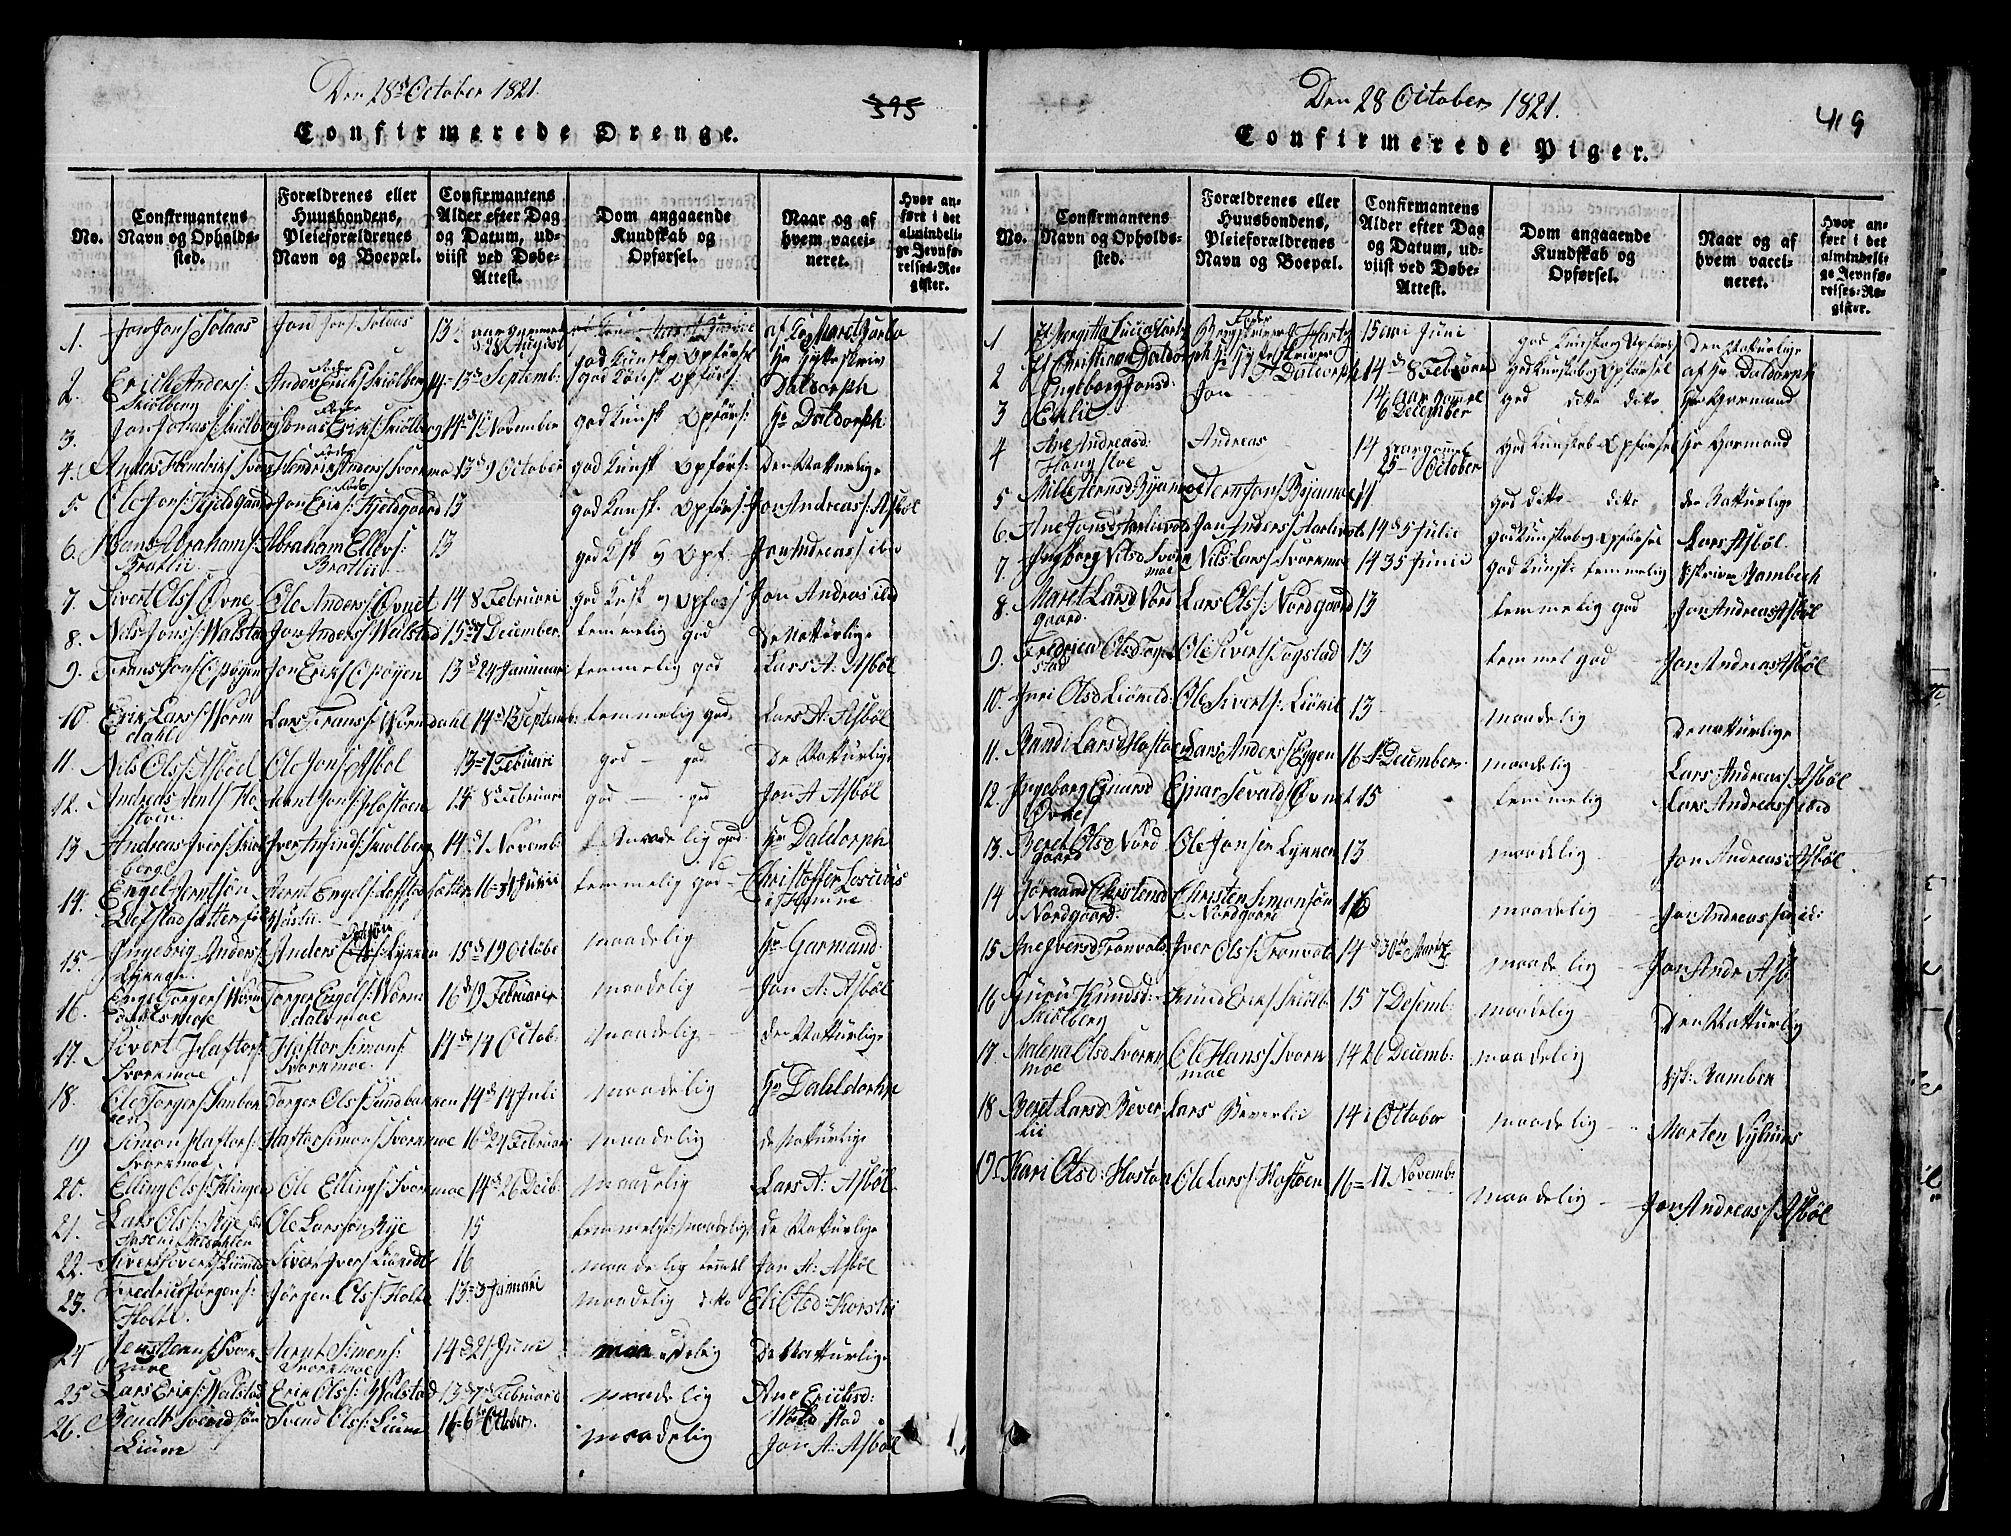 SAT, Ministerialprotokoller, klokkerbøker og fødselsregistre - Sør-Trøndelag, 671/L0842: Klokkerbok nr. 671C01, 1816-1867, s. 418-419